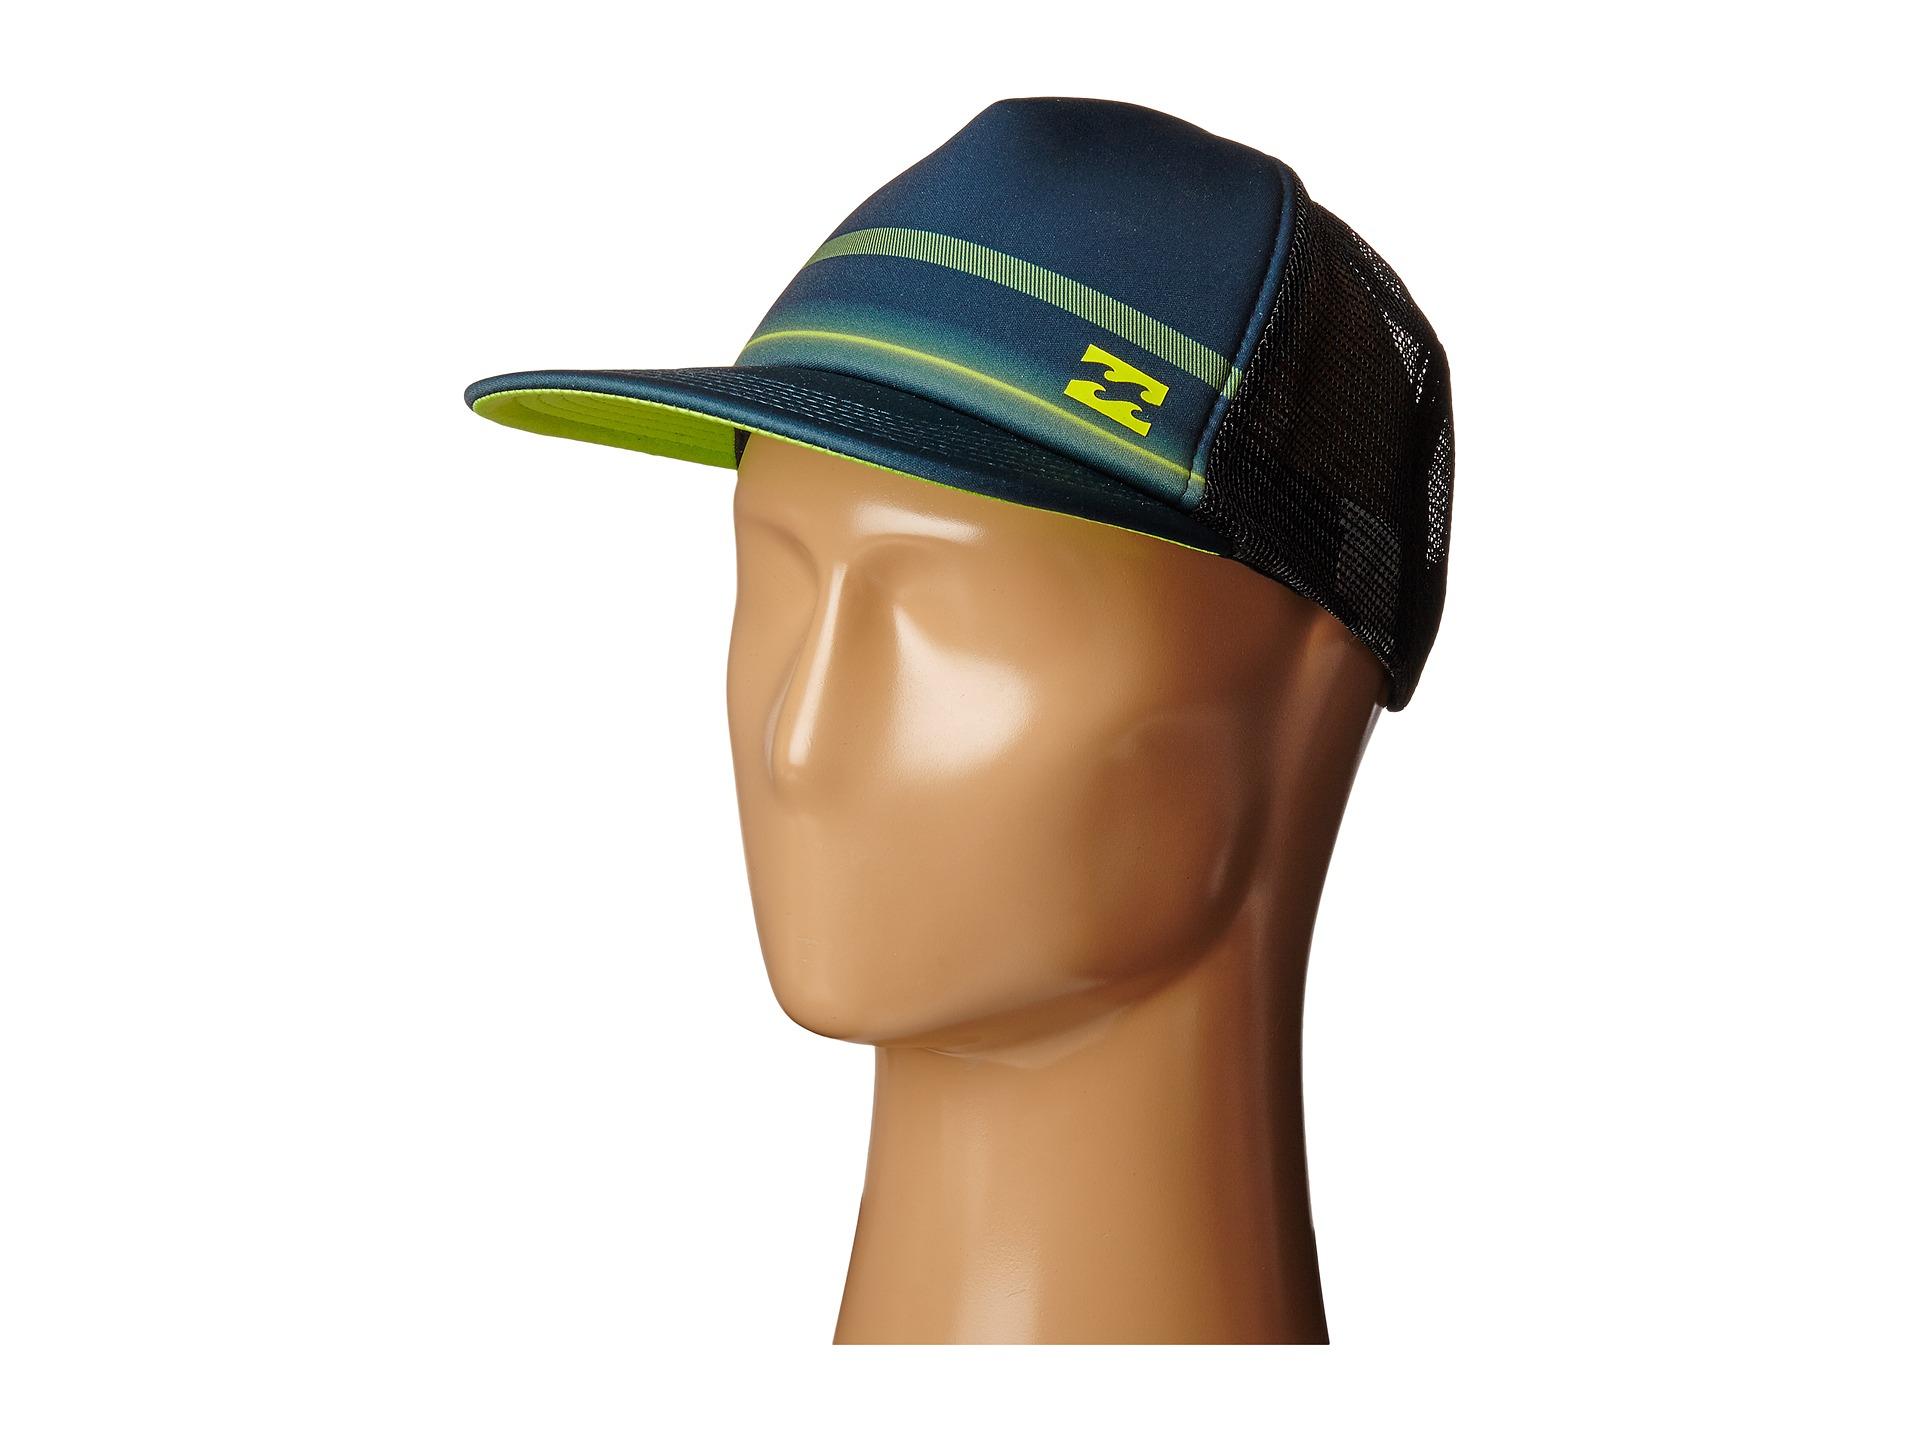 b9e998e5be1 Lyst - Billabong Spinner X Trucker Hat in Blue for Men